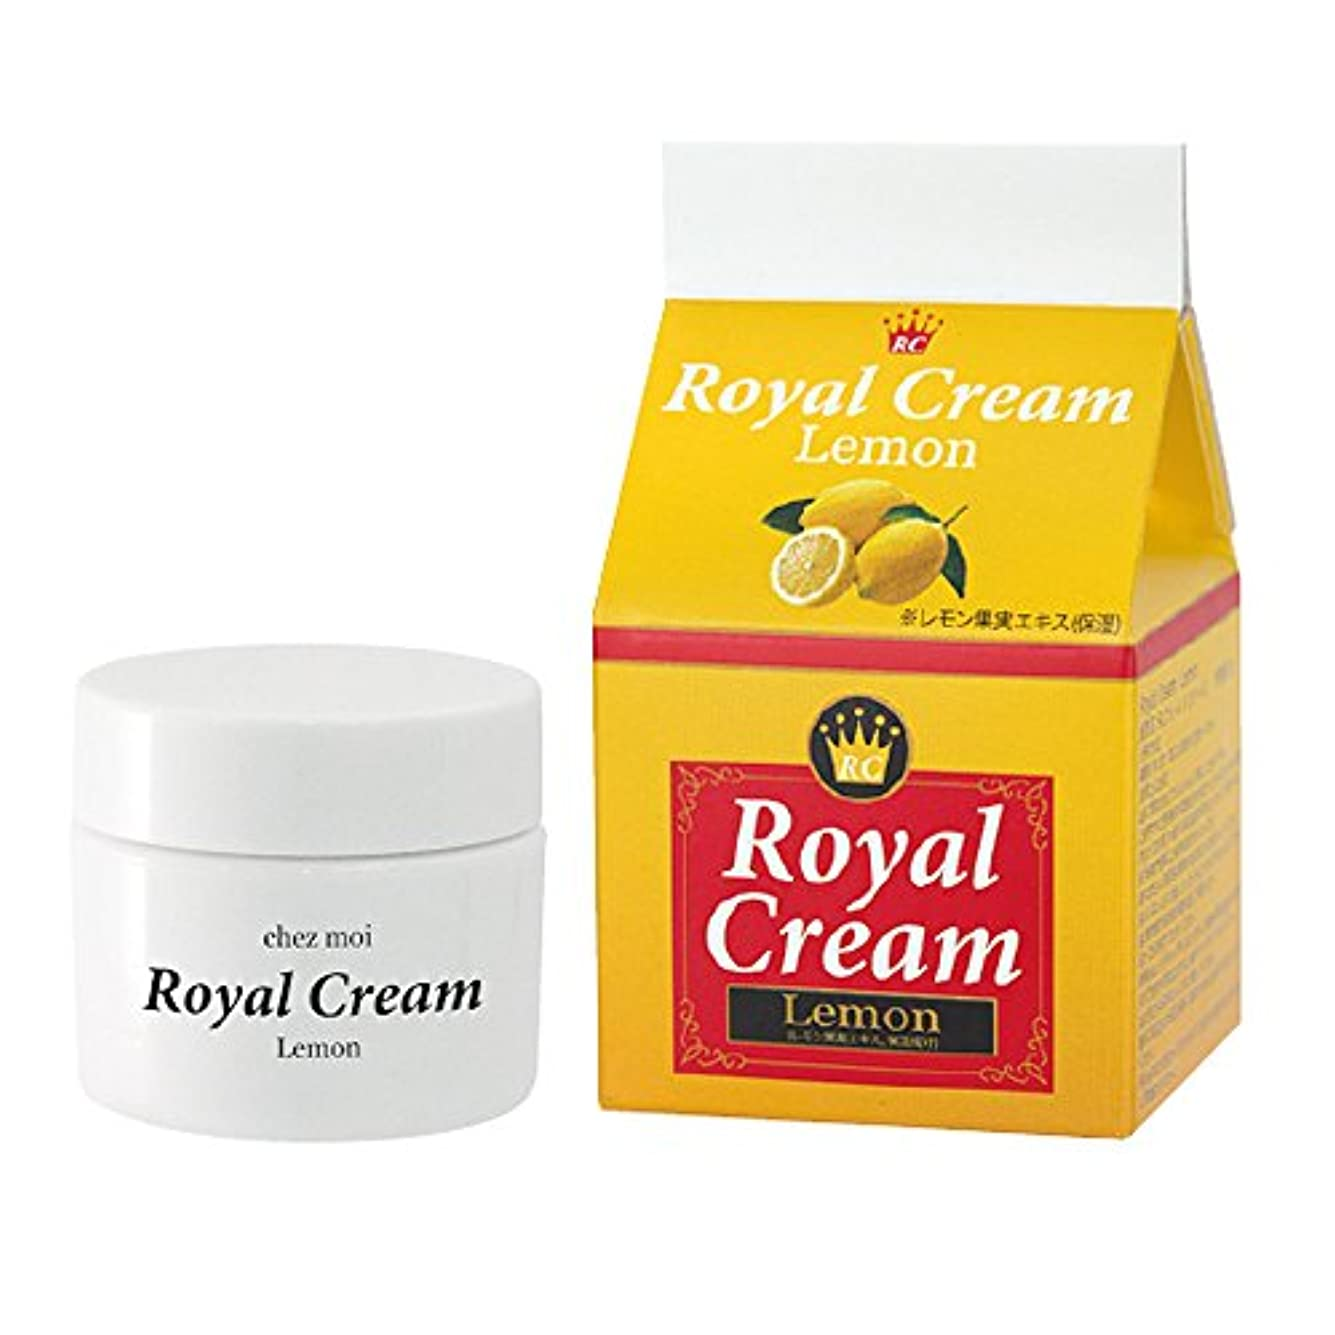 悲鳴キャンセル貞シェモア Royal Cream Lemon(ロイヤルクリームレモン) 30g